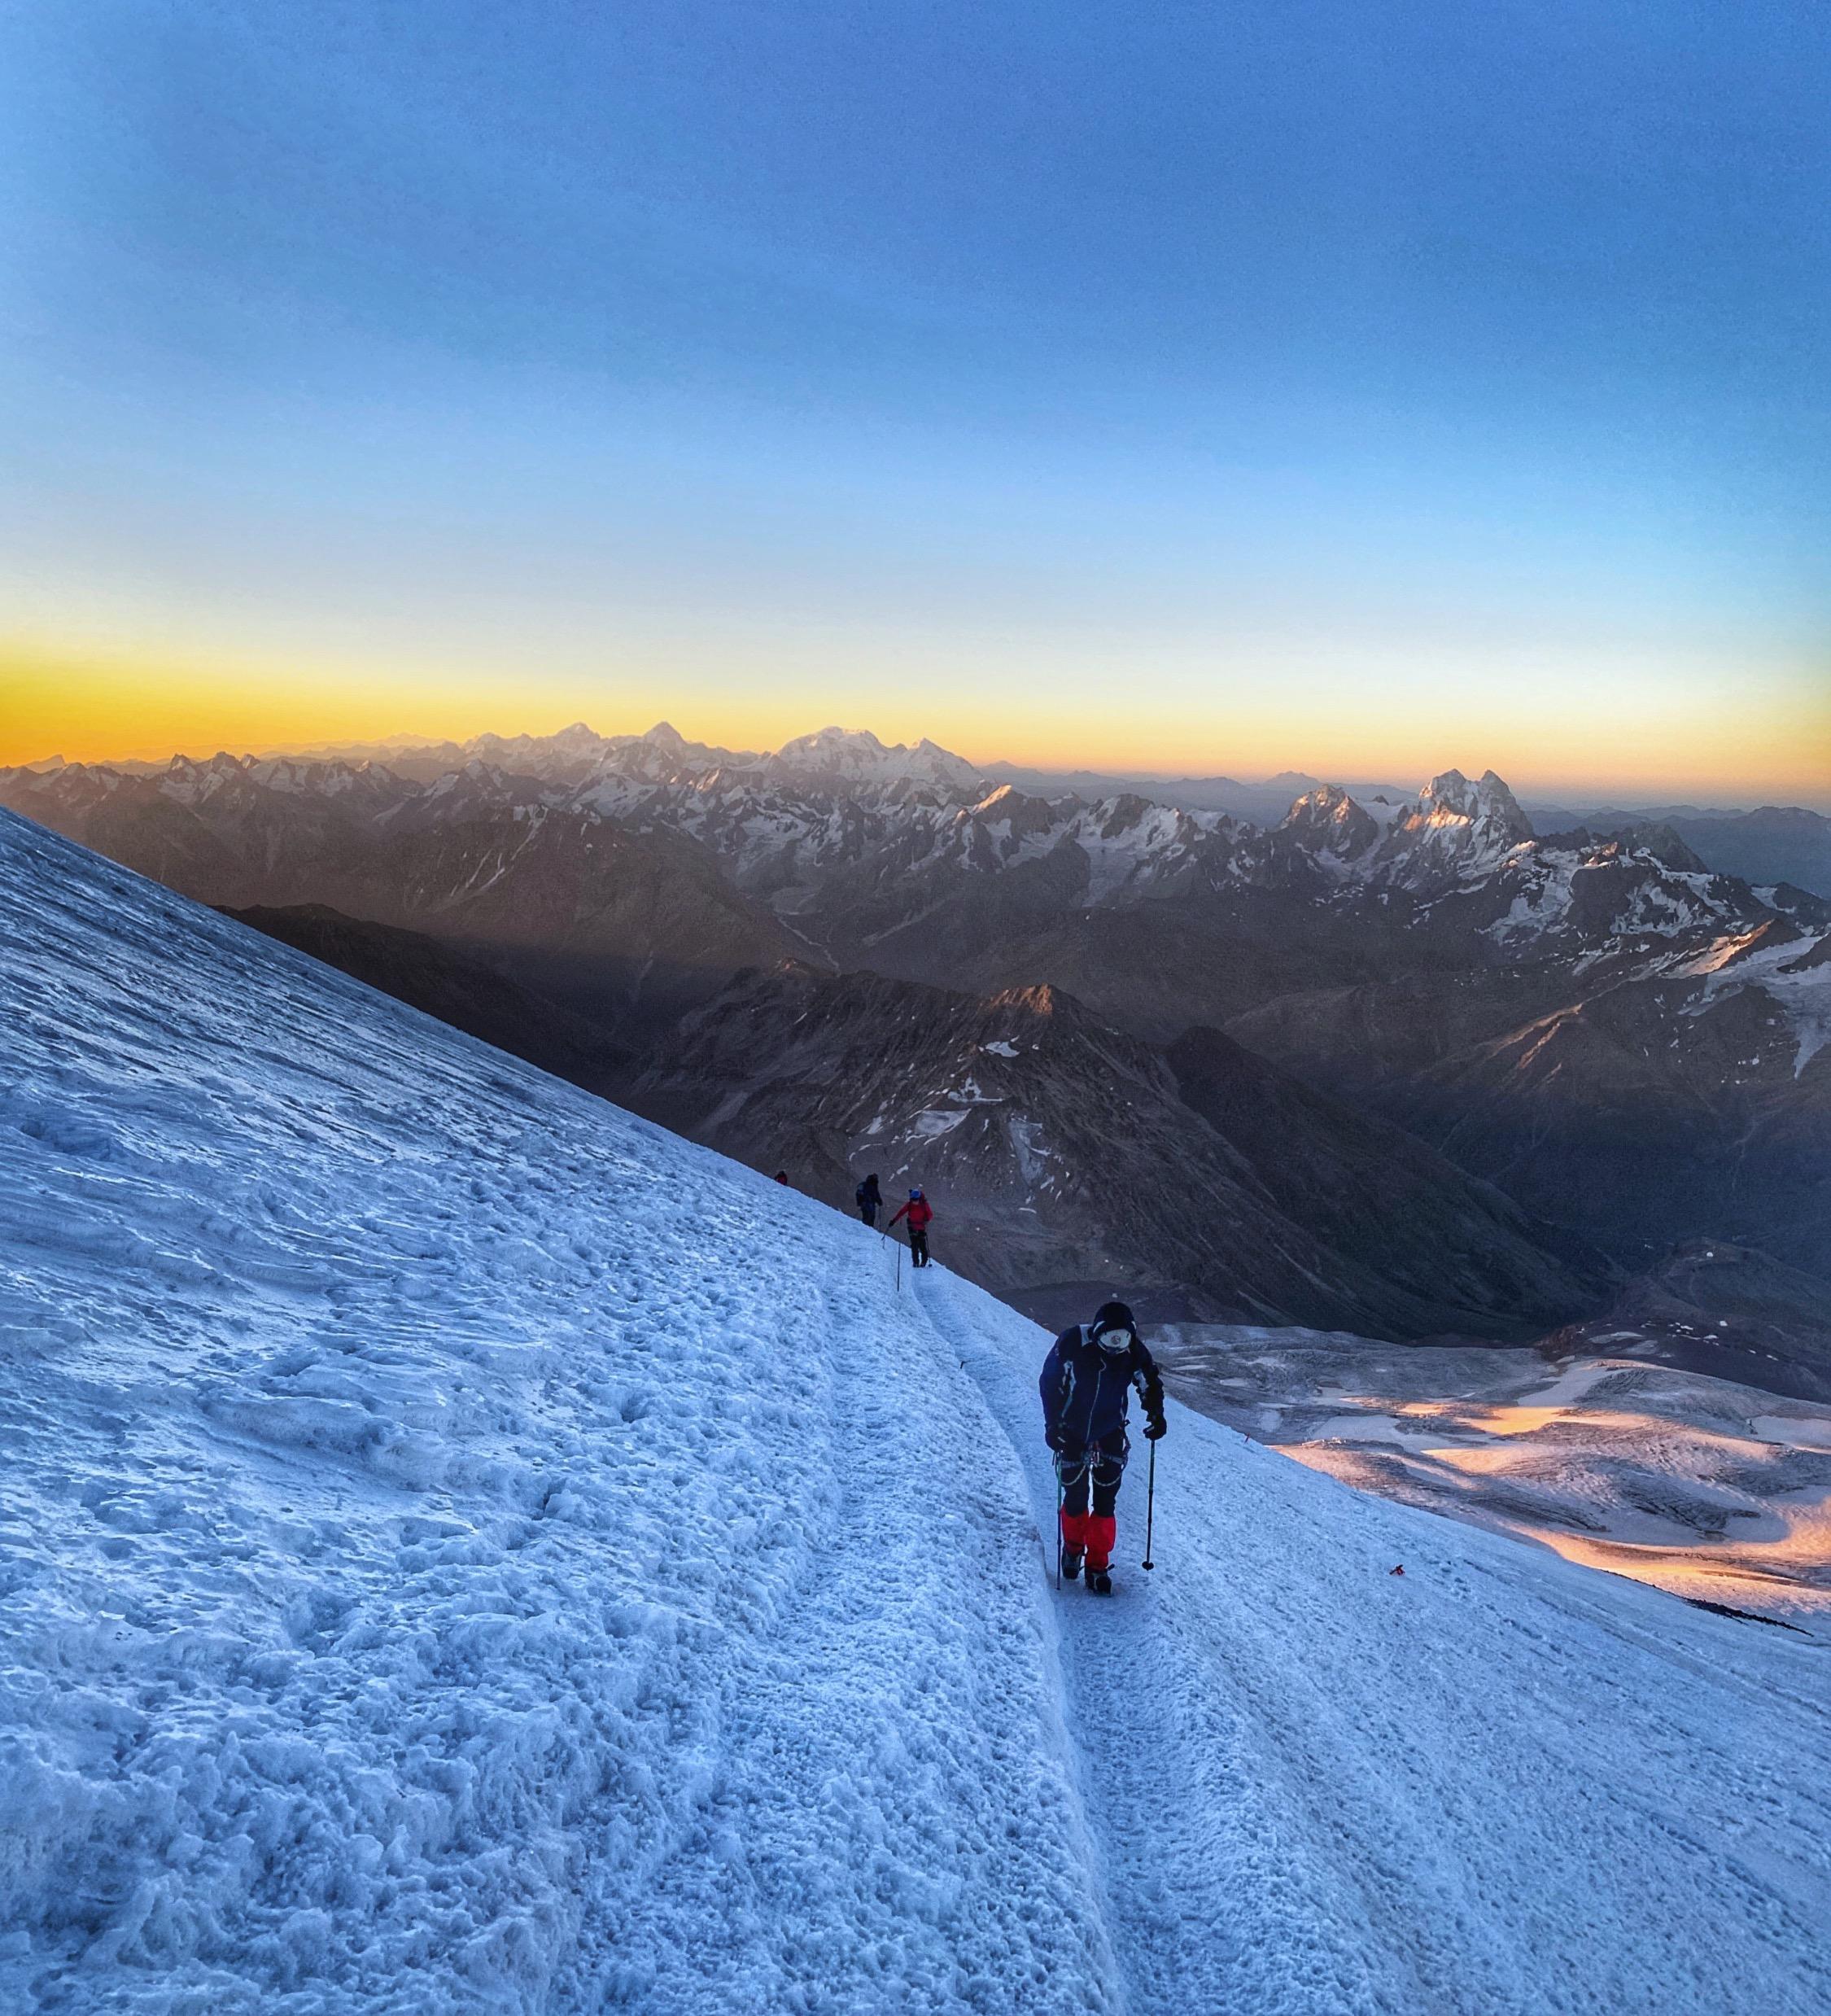 Summit Mt. Elbrus